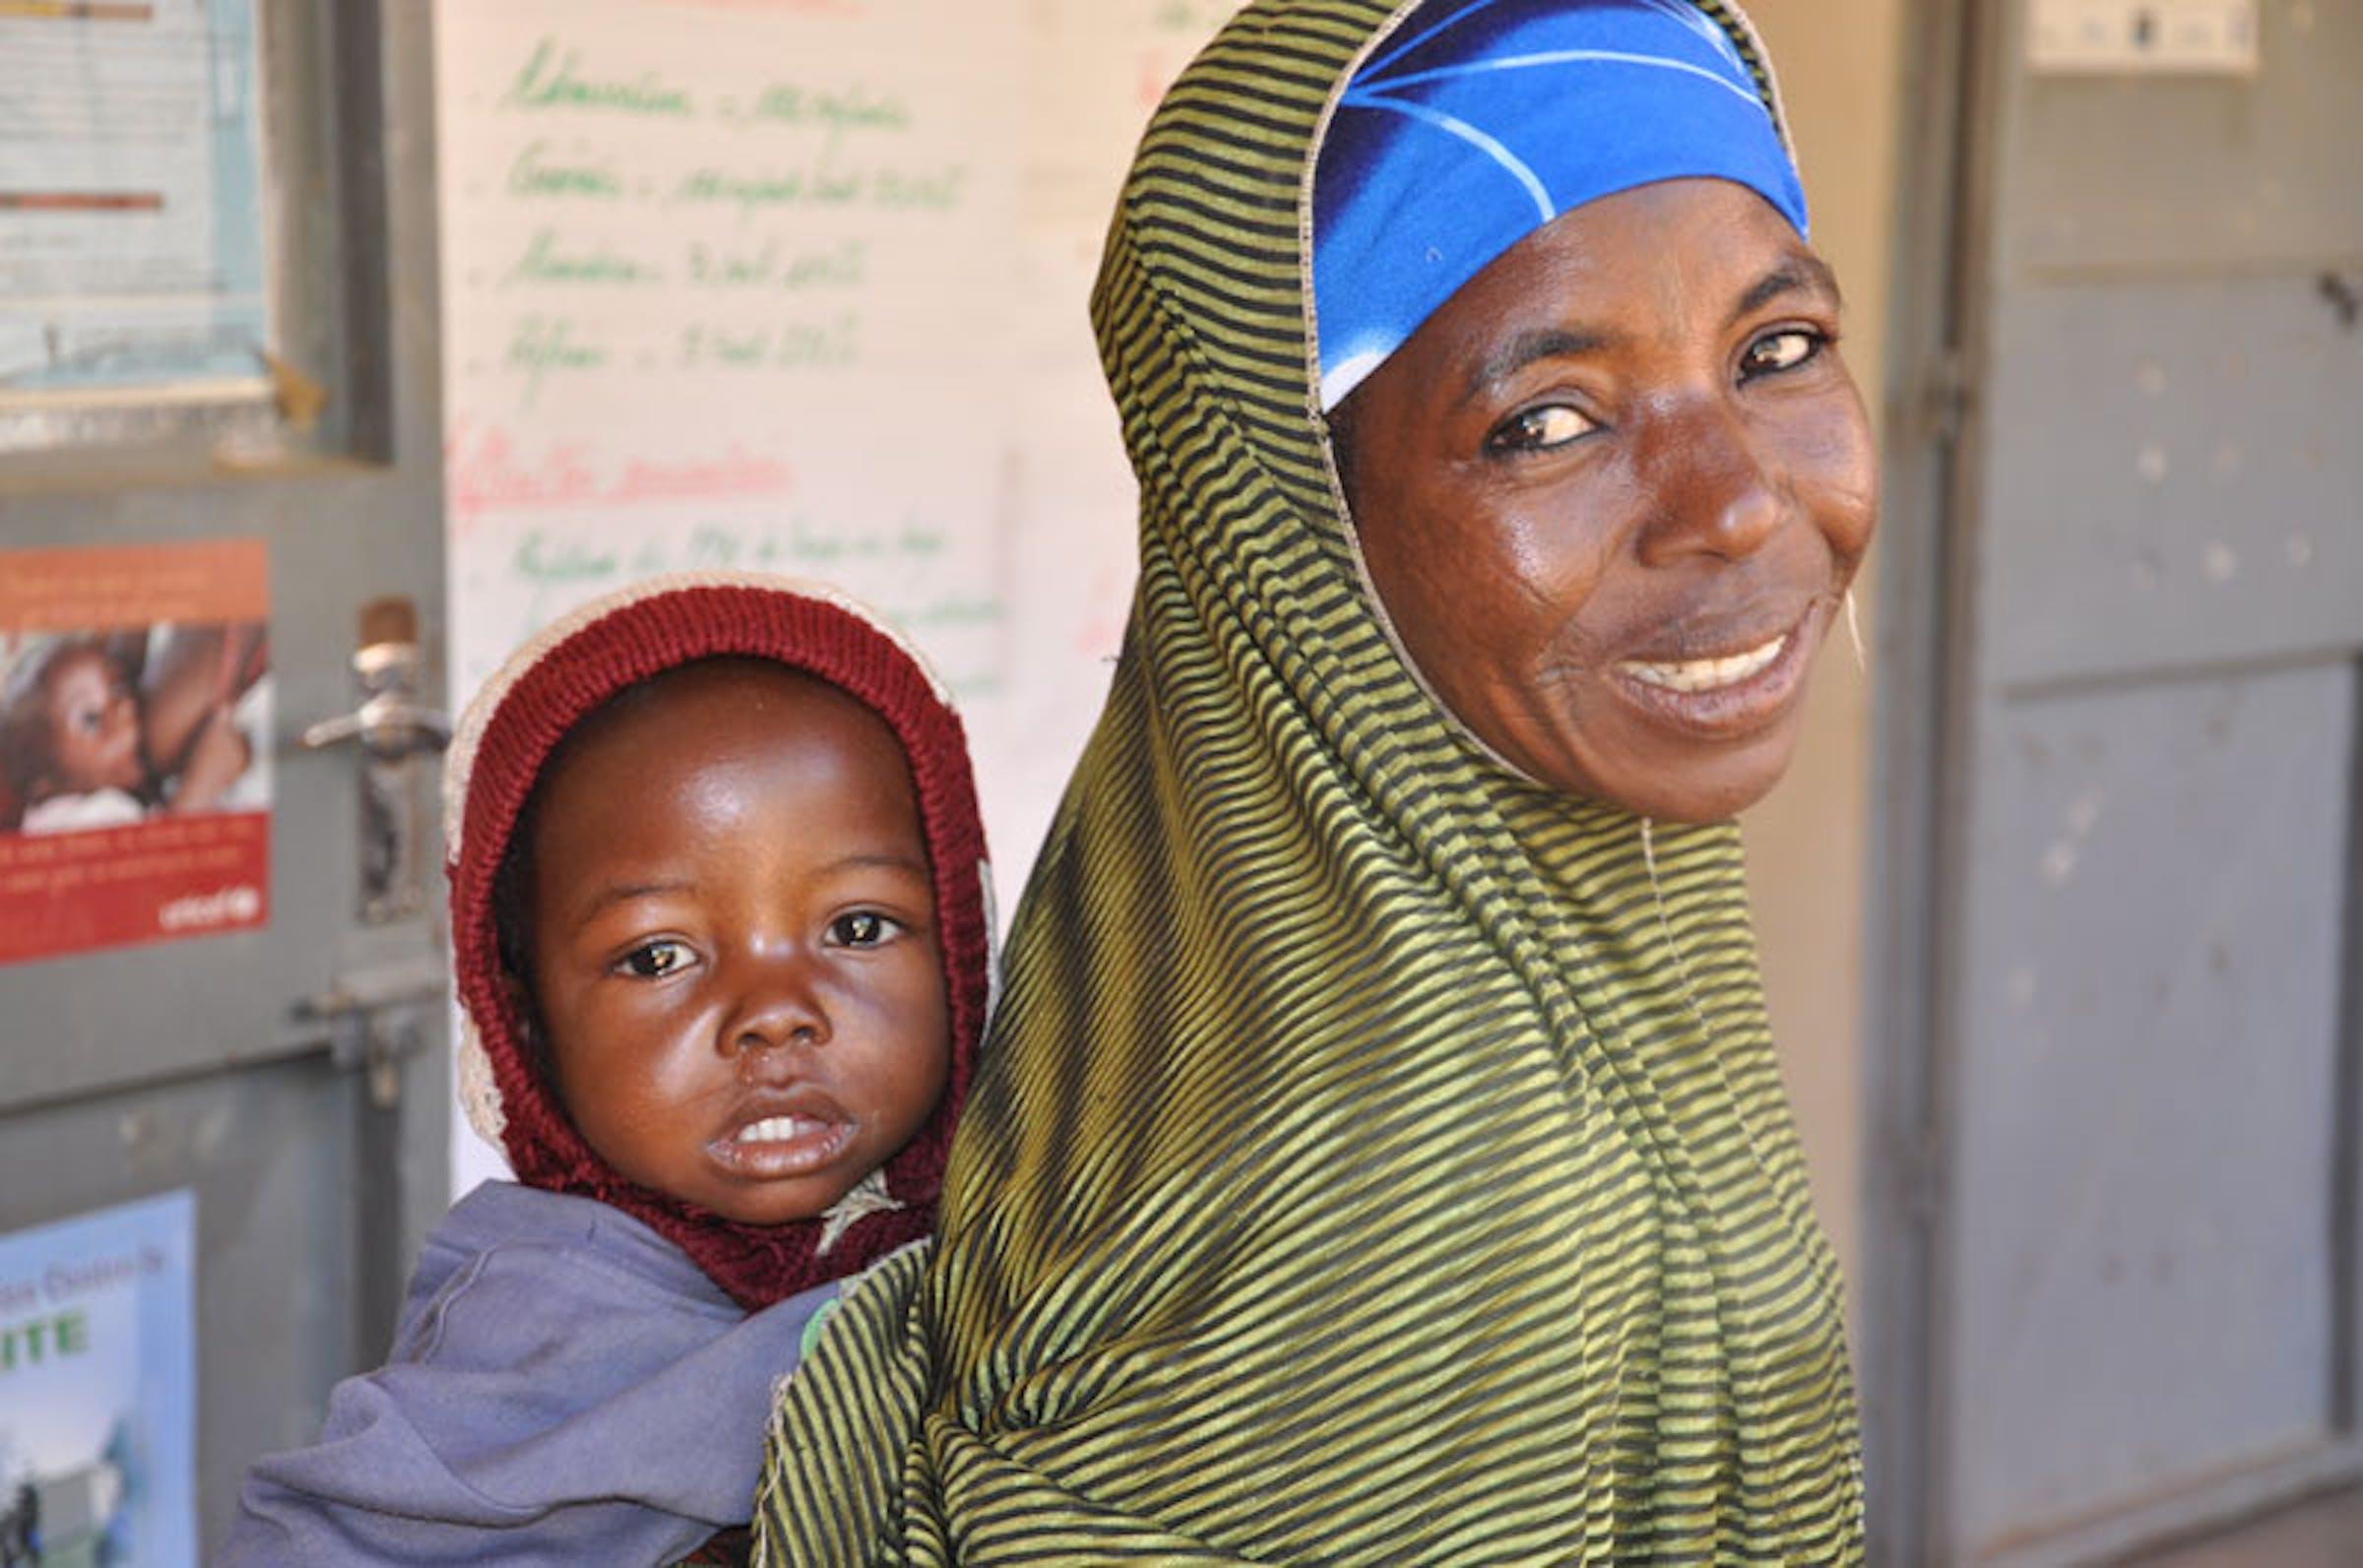 Madre e figlio al Centro nutrizionale terapeutico di Mazadou Abdou, in Niger - ©UNICEF Niger/2012/C.Tidey